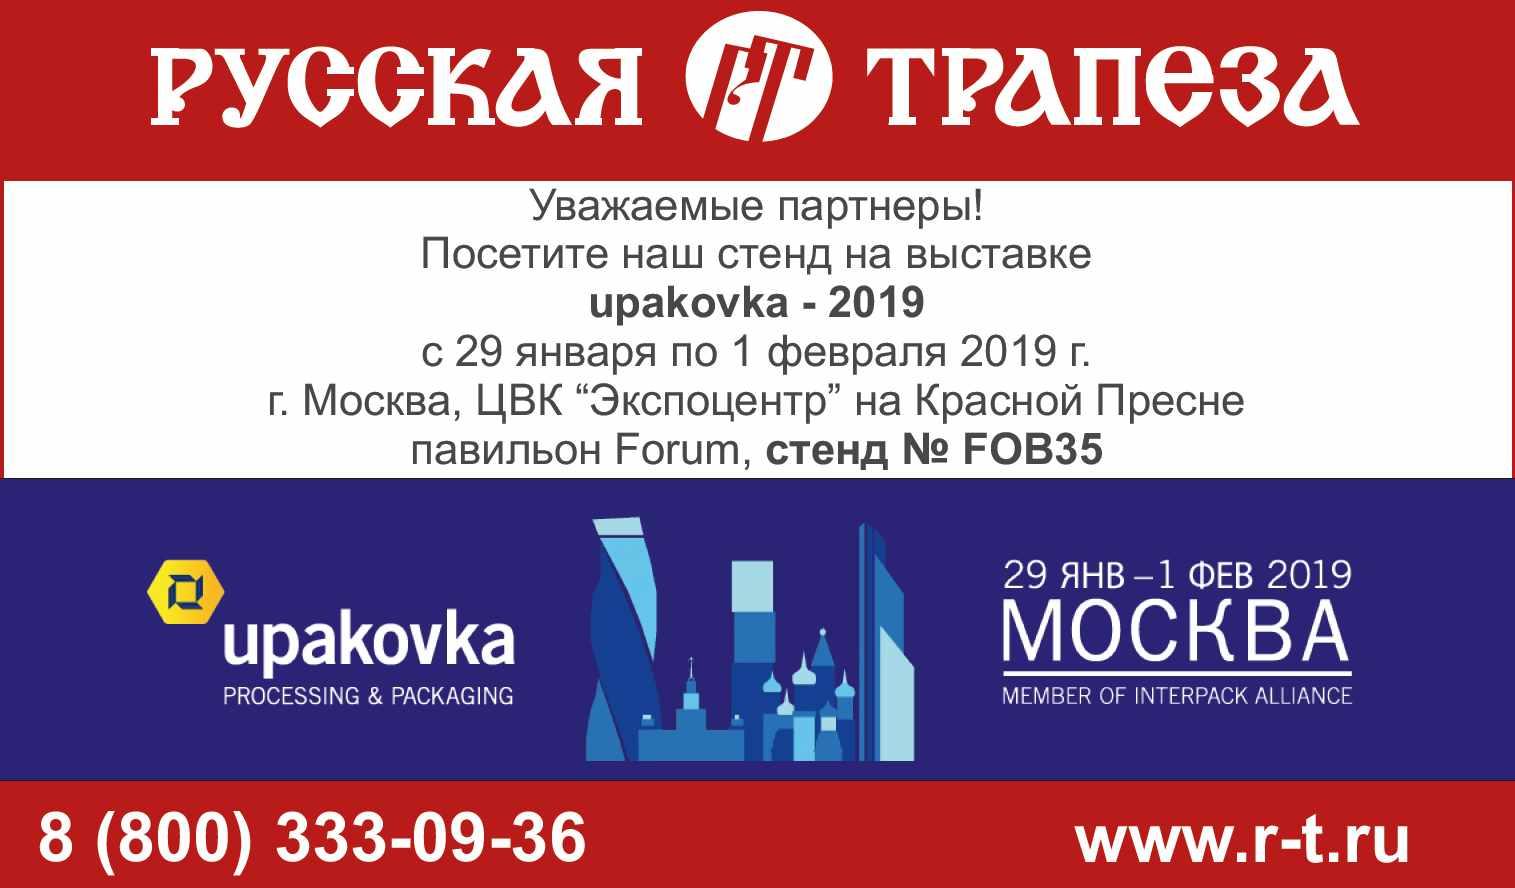 Приглашение на выставку upakovka - 2019